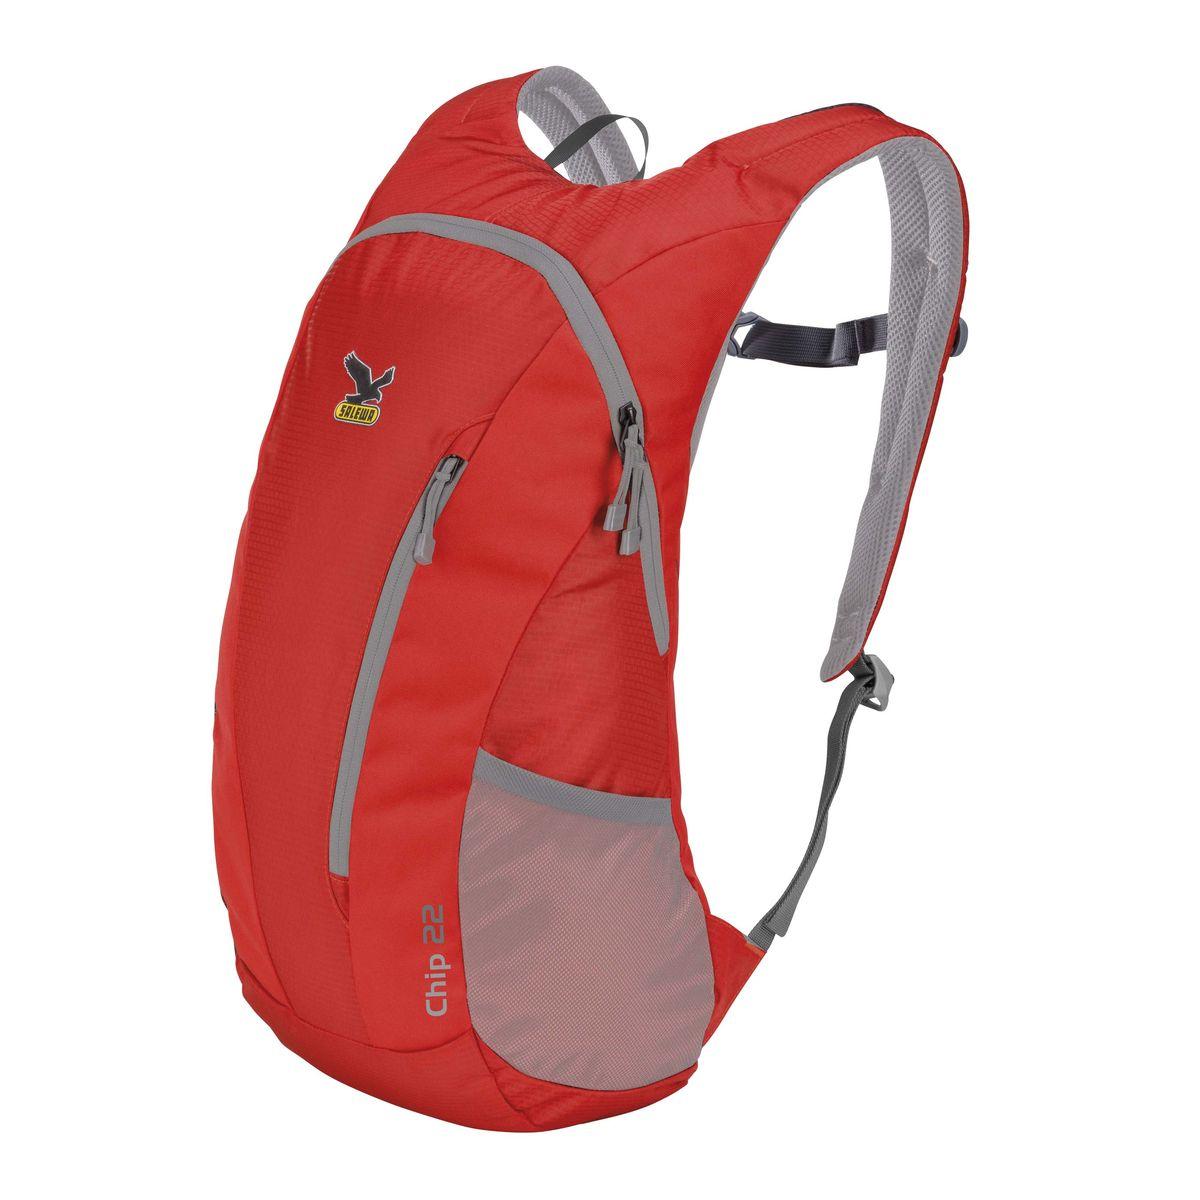 Рюкзак городской Salewa Daypacks CHIP 22, цвет: красный, 22л1130_1500Компактный городской рюкзак для повседневного использования и активного досуга. Comfort Fit обеспечивает комфортное распределение нагрузки и вентиляцию. Особенности: - переднее отделение - боковые карманы